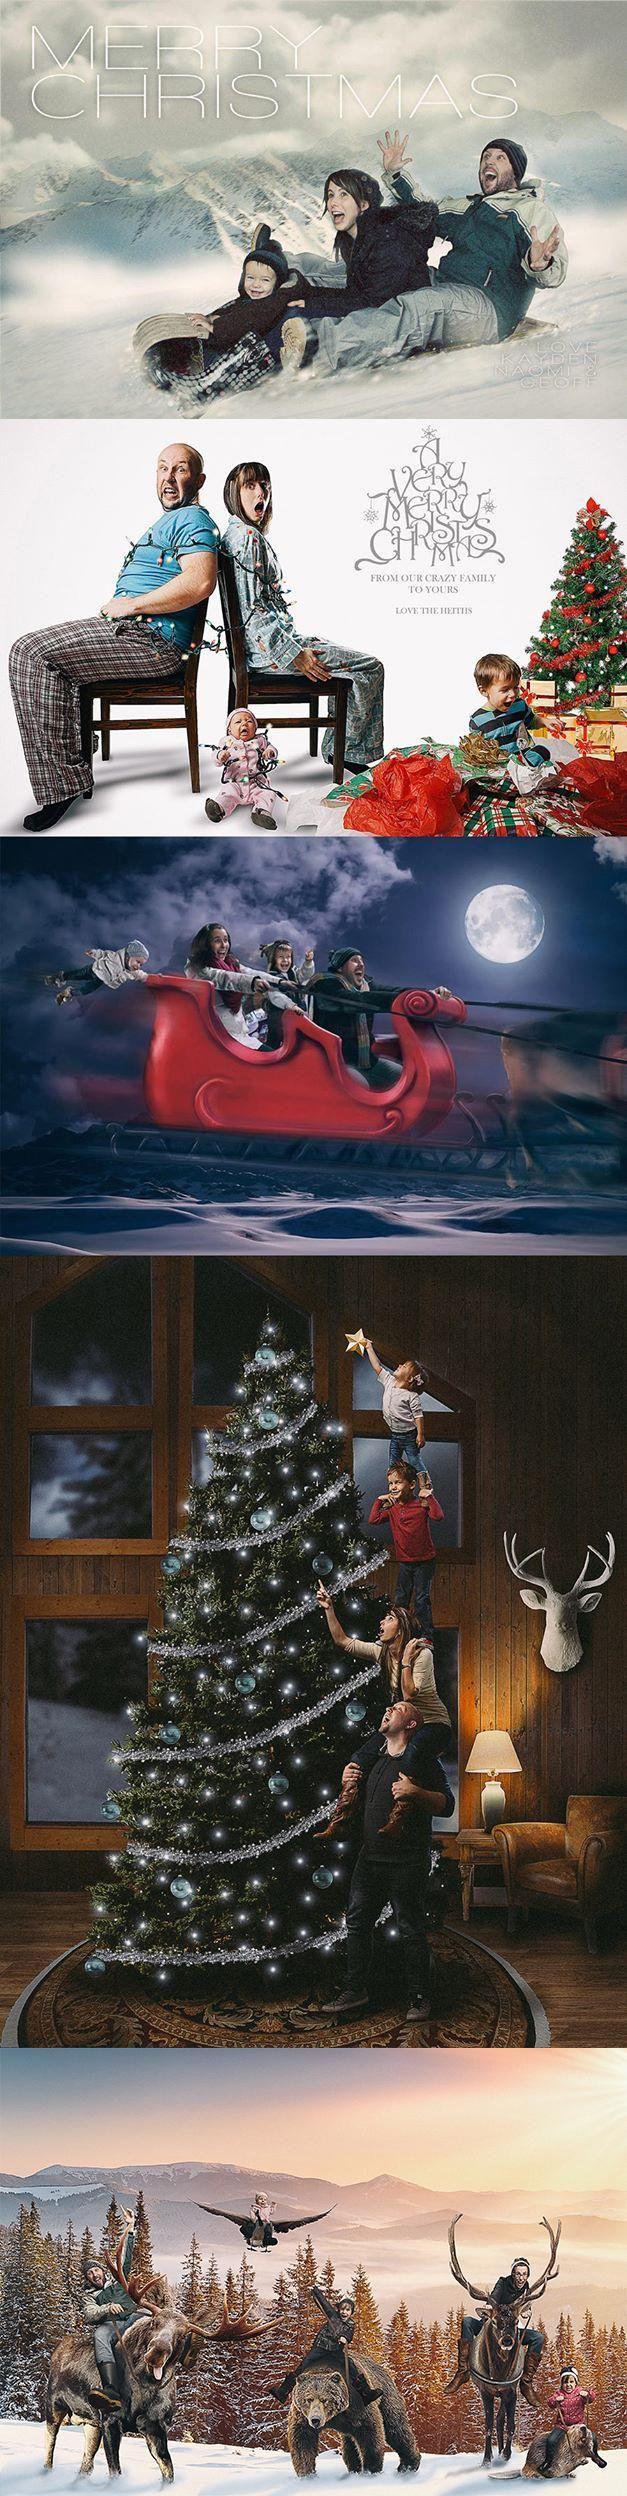 Funny Family Christmas Cards http://ift.tt/2g1X5XR